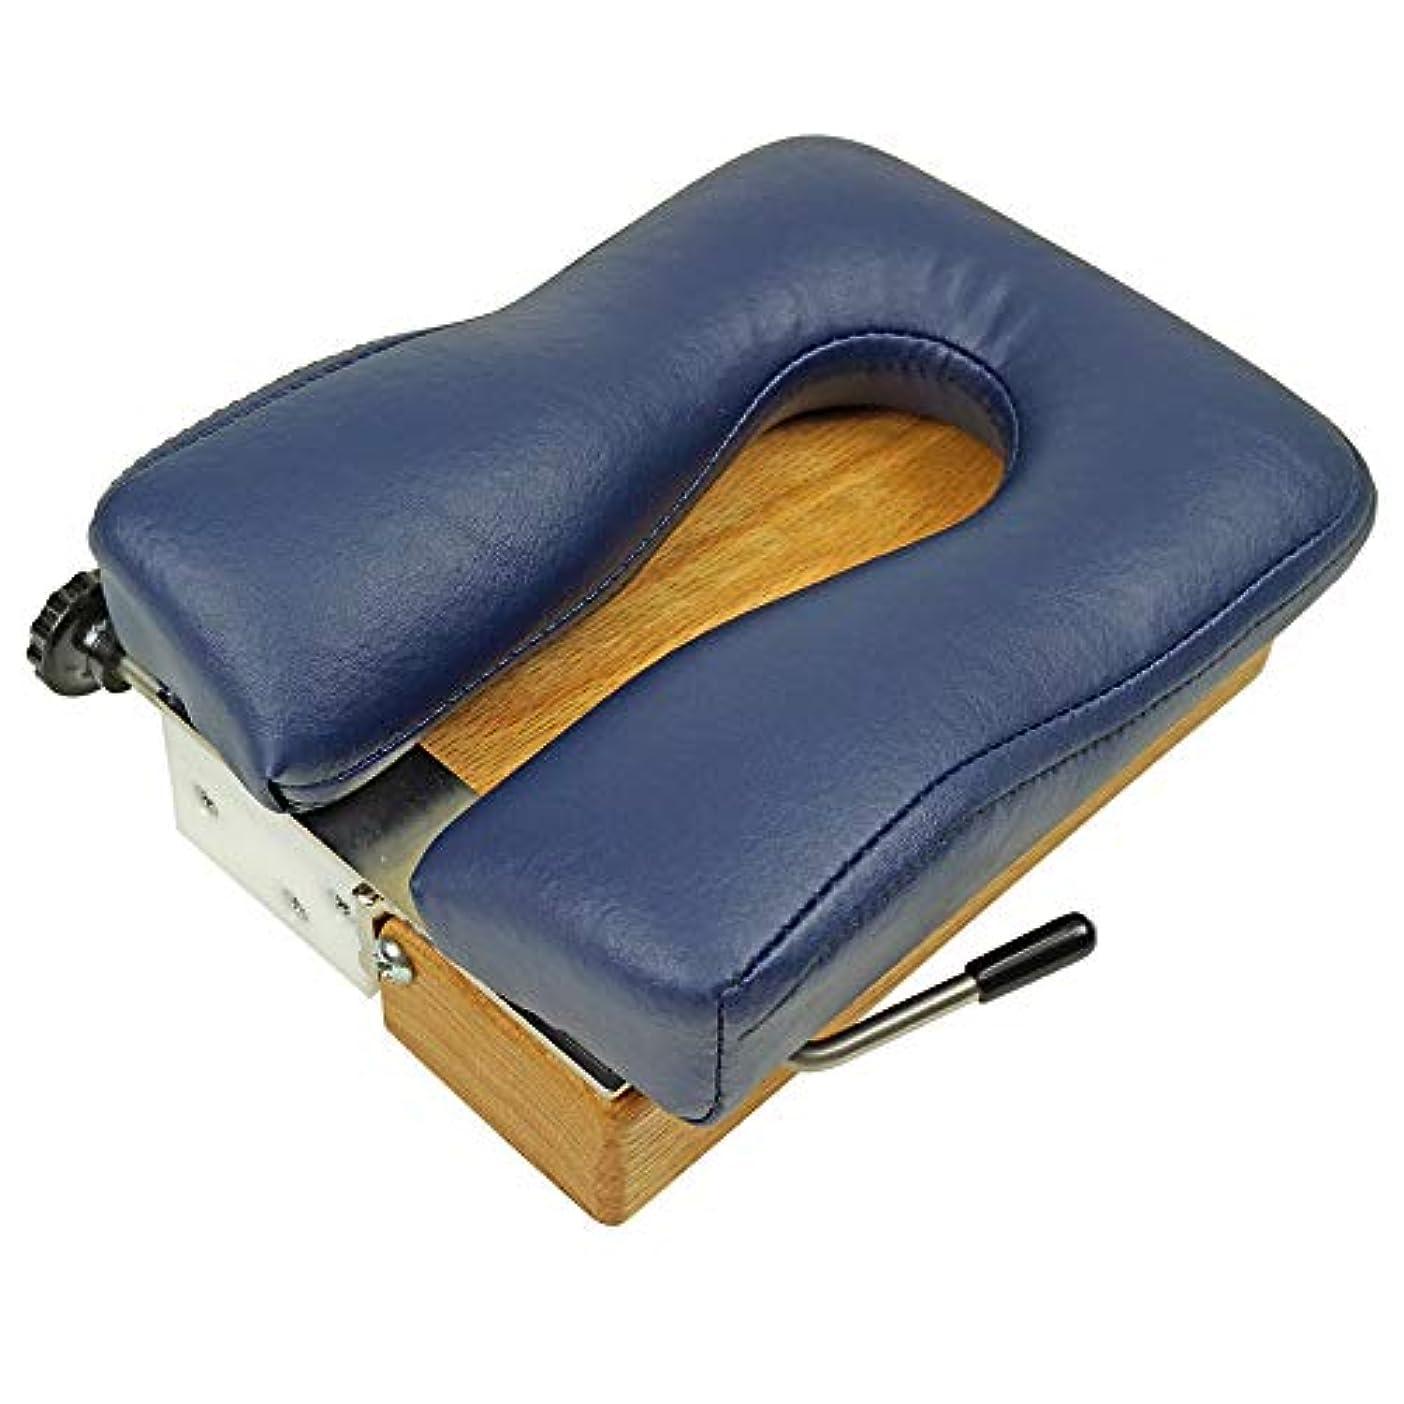 デコードするベッド国民投票LLOYD (ロイドテーブル) ターグルリコイル ドロップ ポータブルドロップ 【 ヘッドピース 上部頚椎用 】